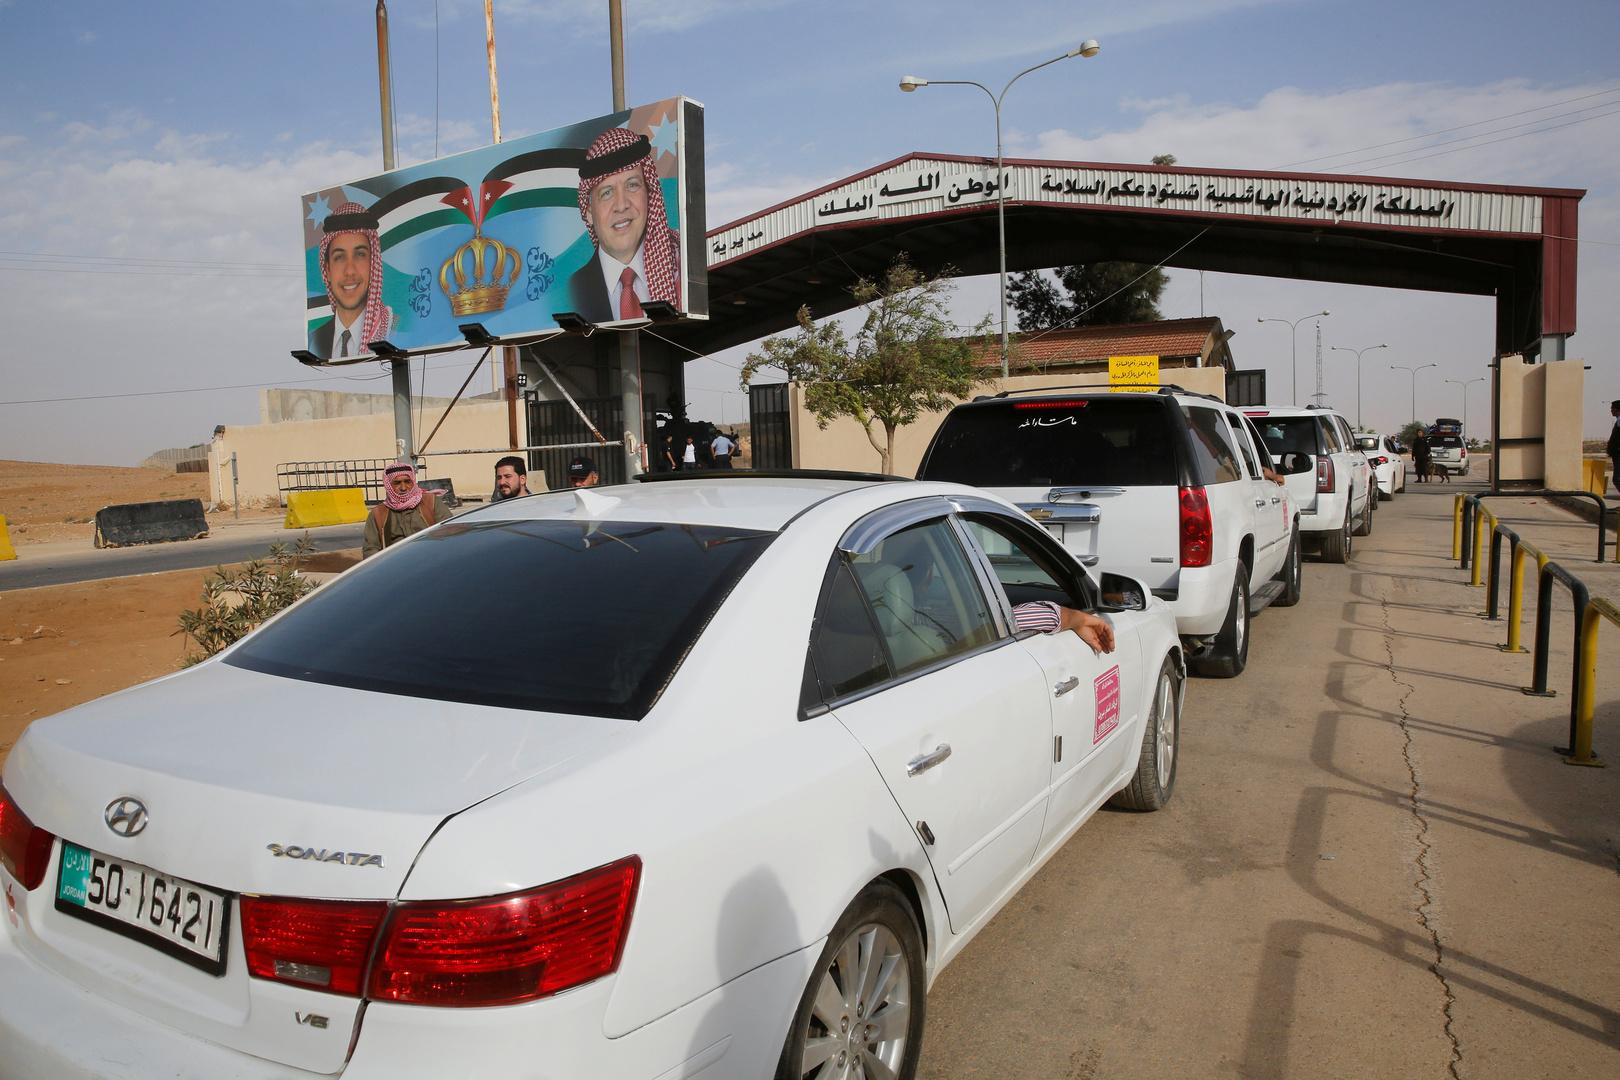 مصدر سوري يكشف عن حالة عبور الشاحنات والأفراد في معبر نصيب الحدودي مع الأردن